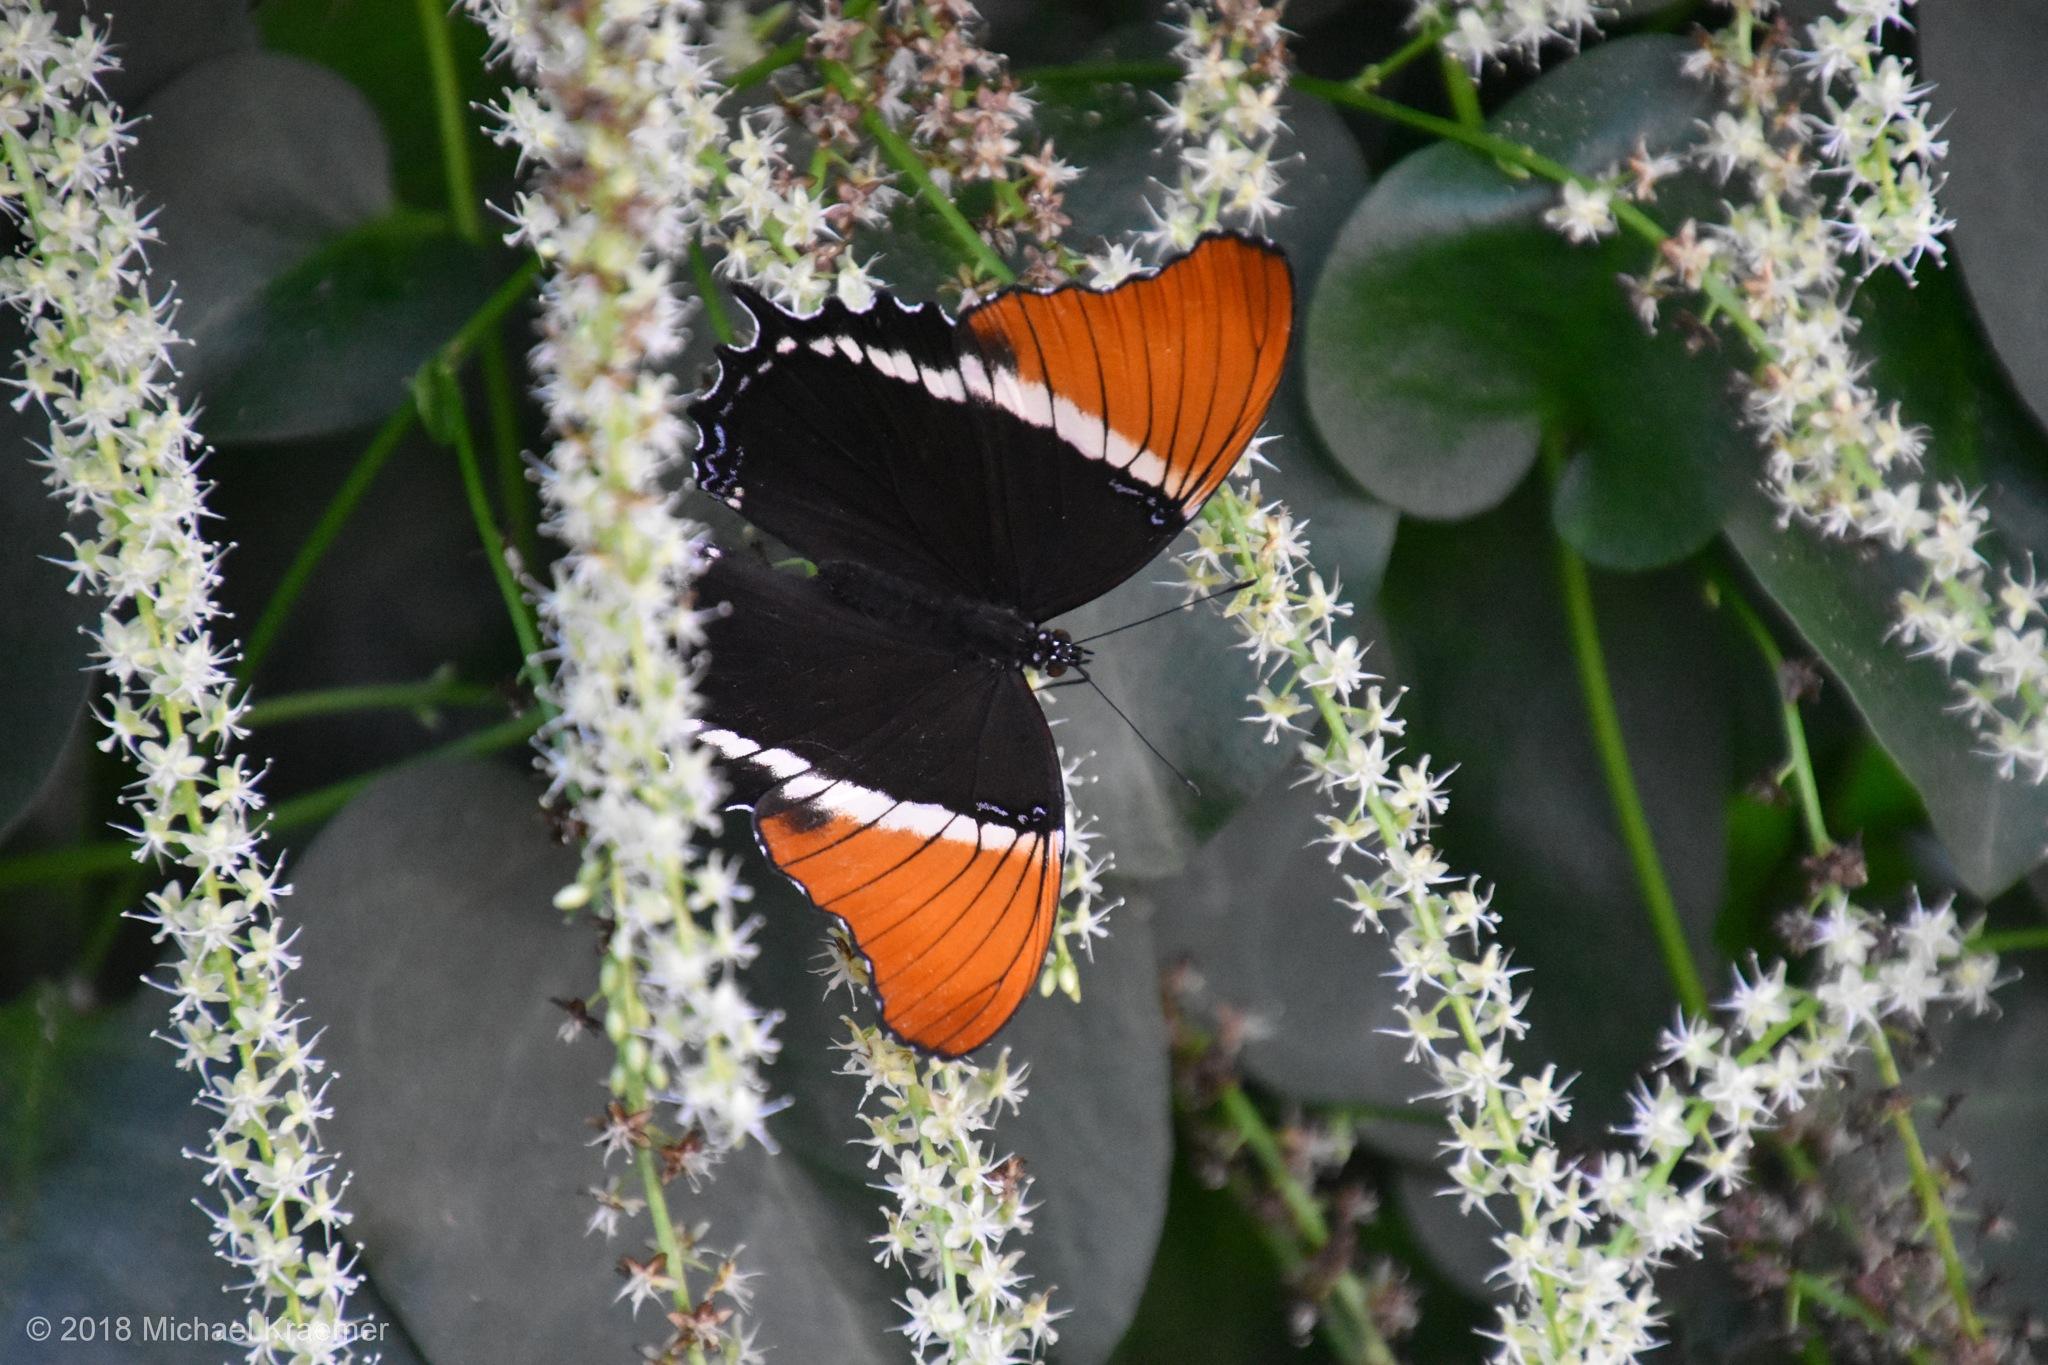 Schmetterling - 07 by Michael Kraemer